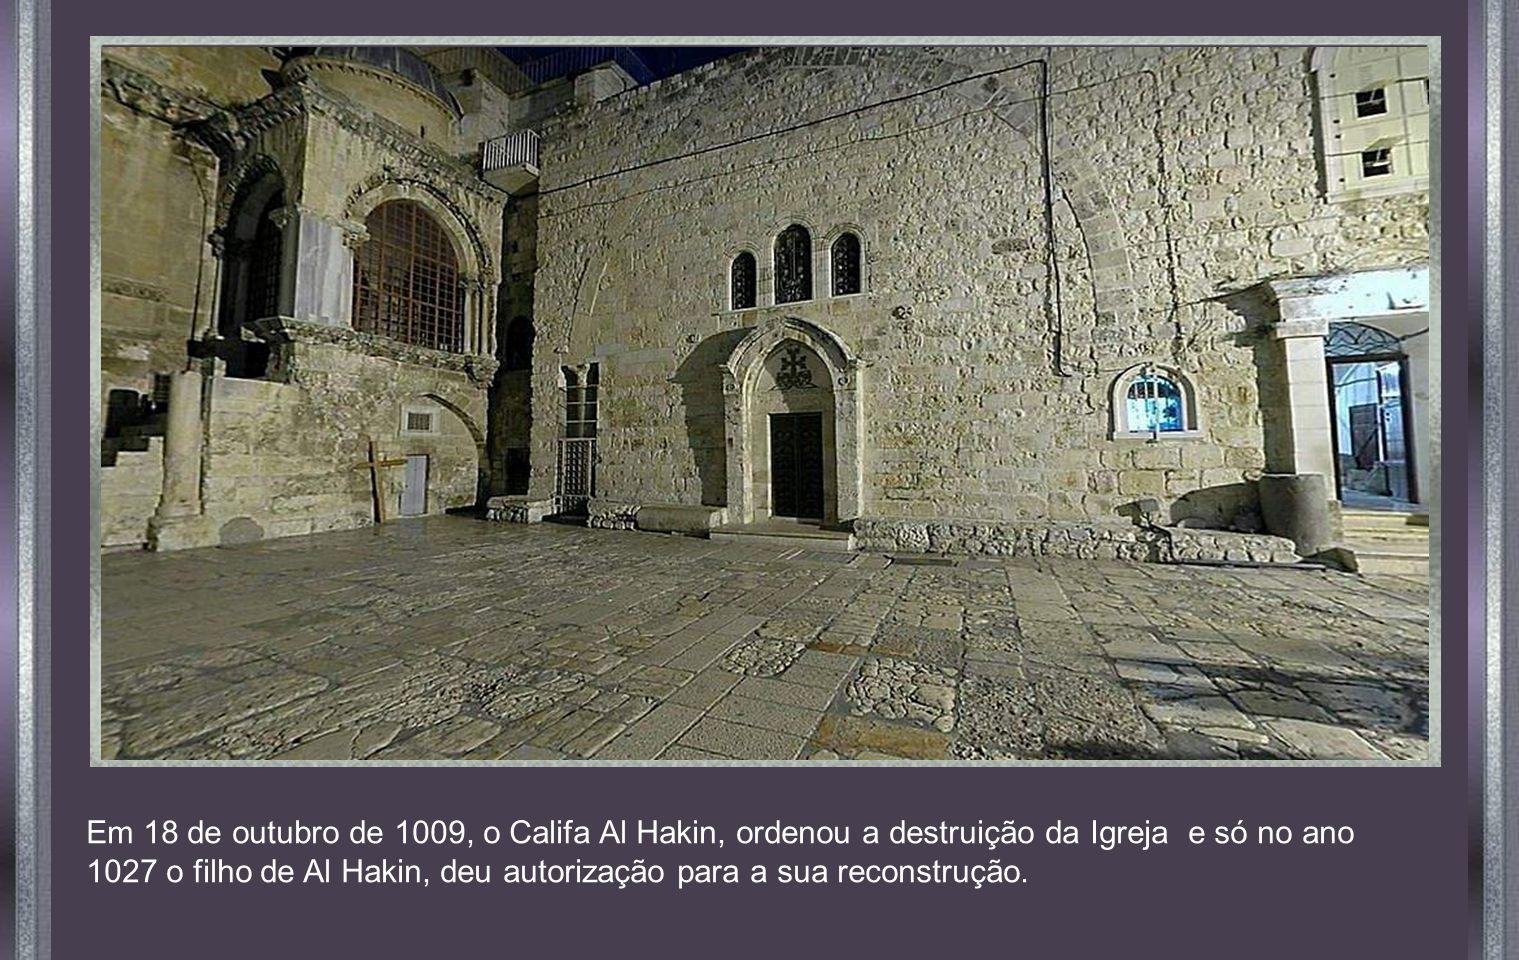 Em 18 de outubro de 1009, o Califa Al Hakin, ordenou a destruição da Igreja e só no ano 1027 o filho de Al Hakin, deu autorização para a sua reconstrução.